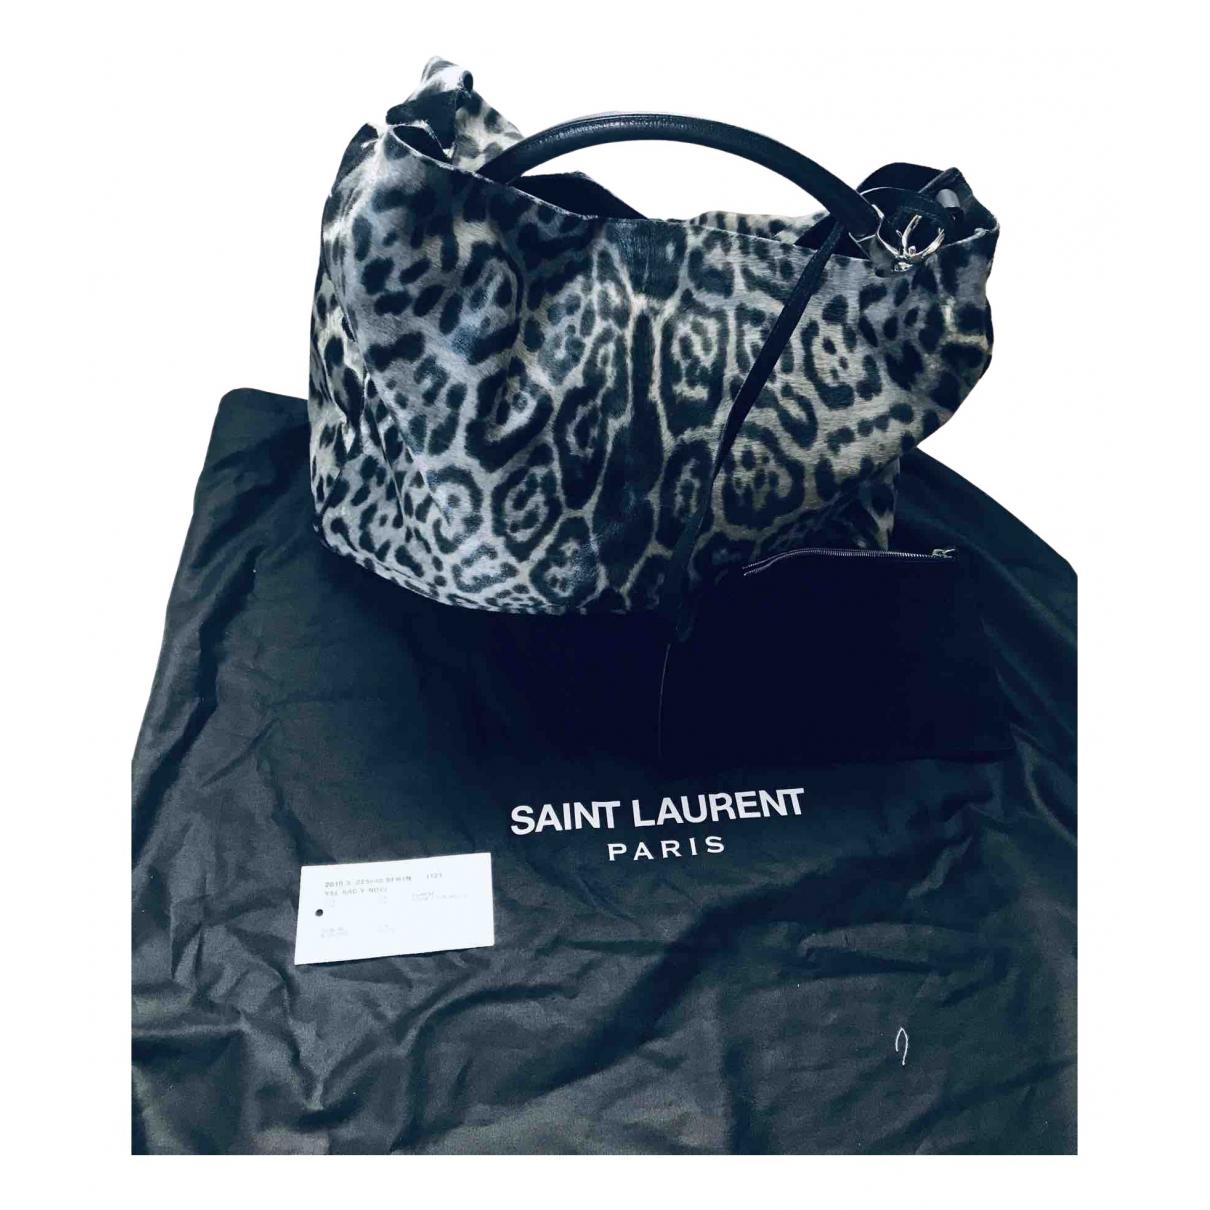 Yves Saint Laurent Roady Grey Pony-style calfskin handbag for Women N